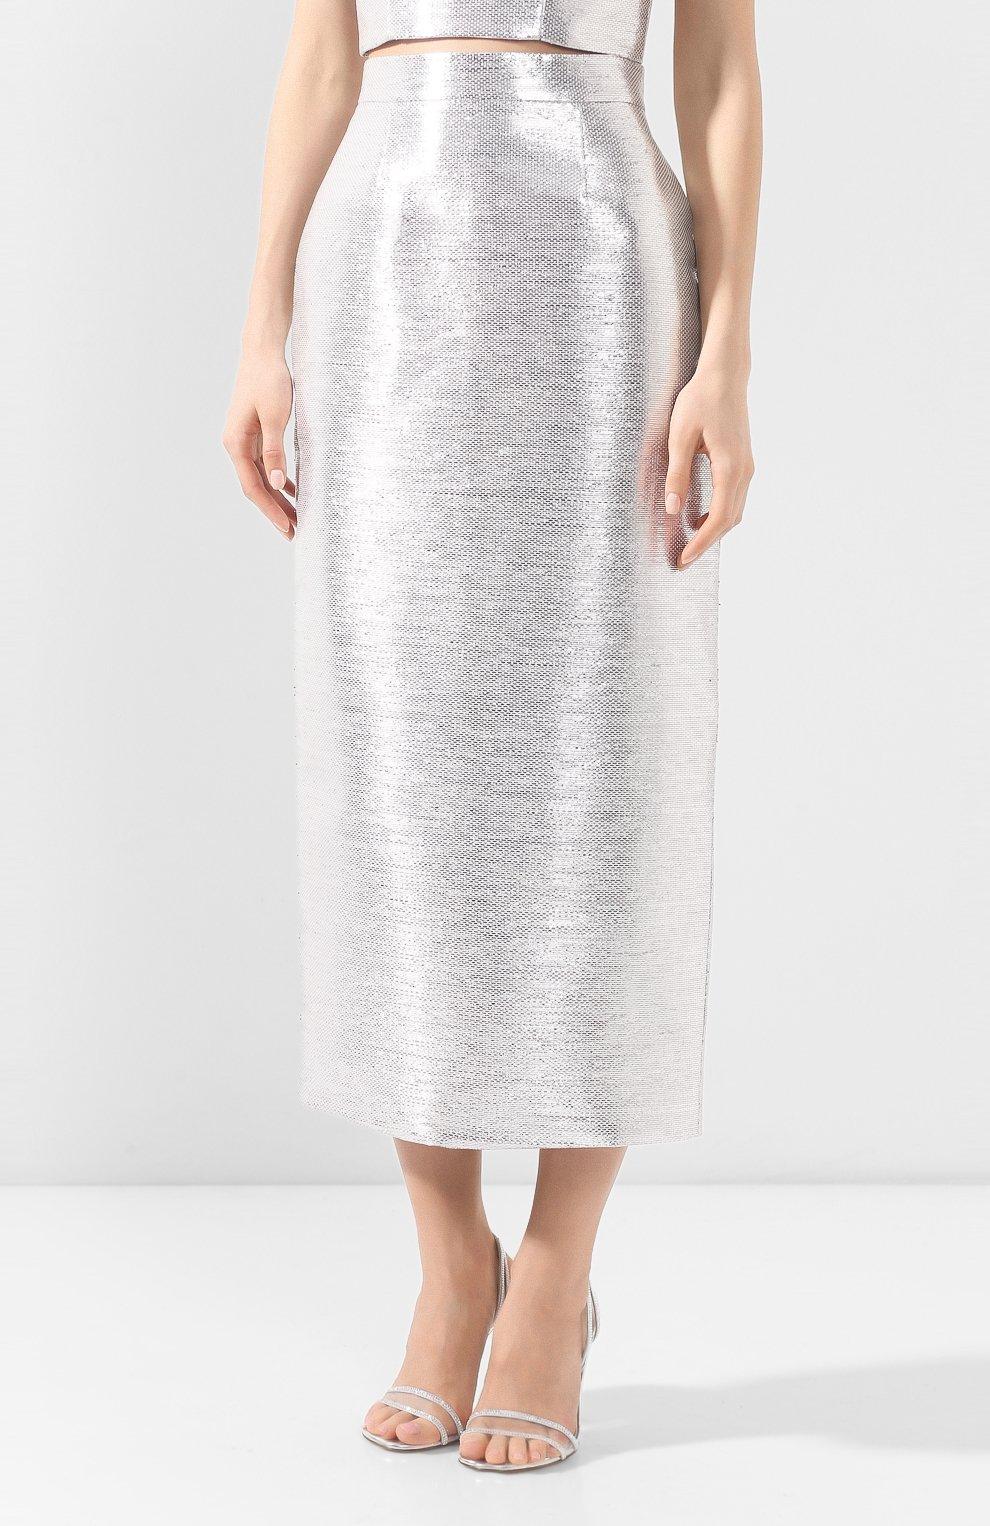 Женская юбка BRANDON MAXWELL серебряного цвета, арт. SK126SS20   Фото 3 (Материал внешний: Синтетический материал, Хлопок; Женское Кросс-КТ: Юбка-одежда; Длина Ж (юбки, платья, шорты): Миди; Материал подклада: Синтетический материал)